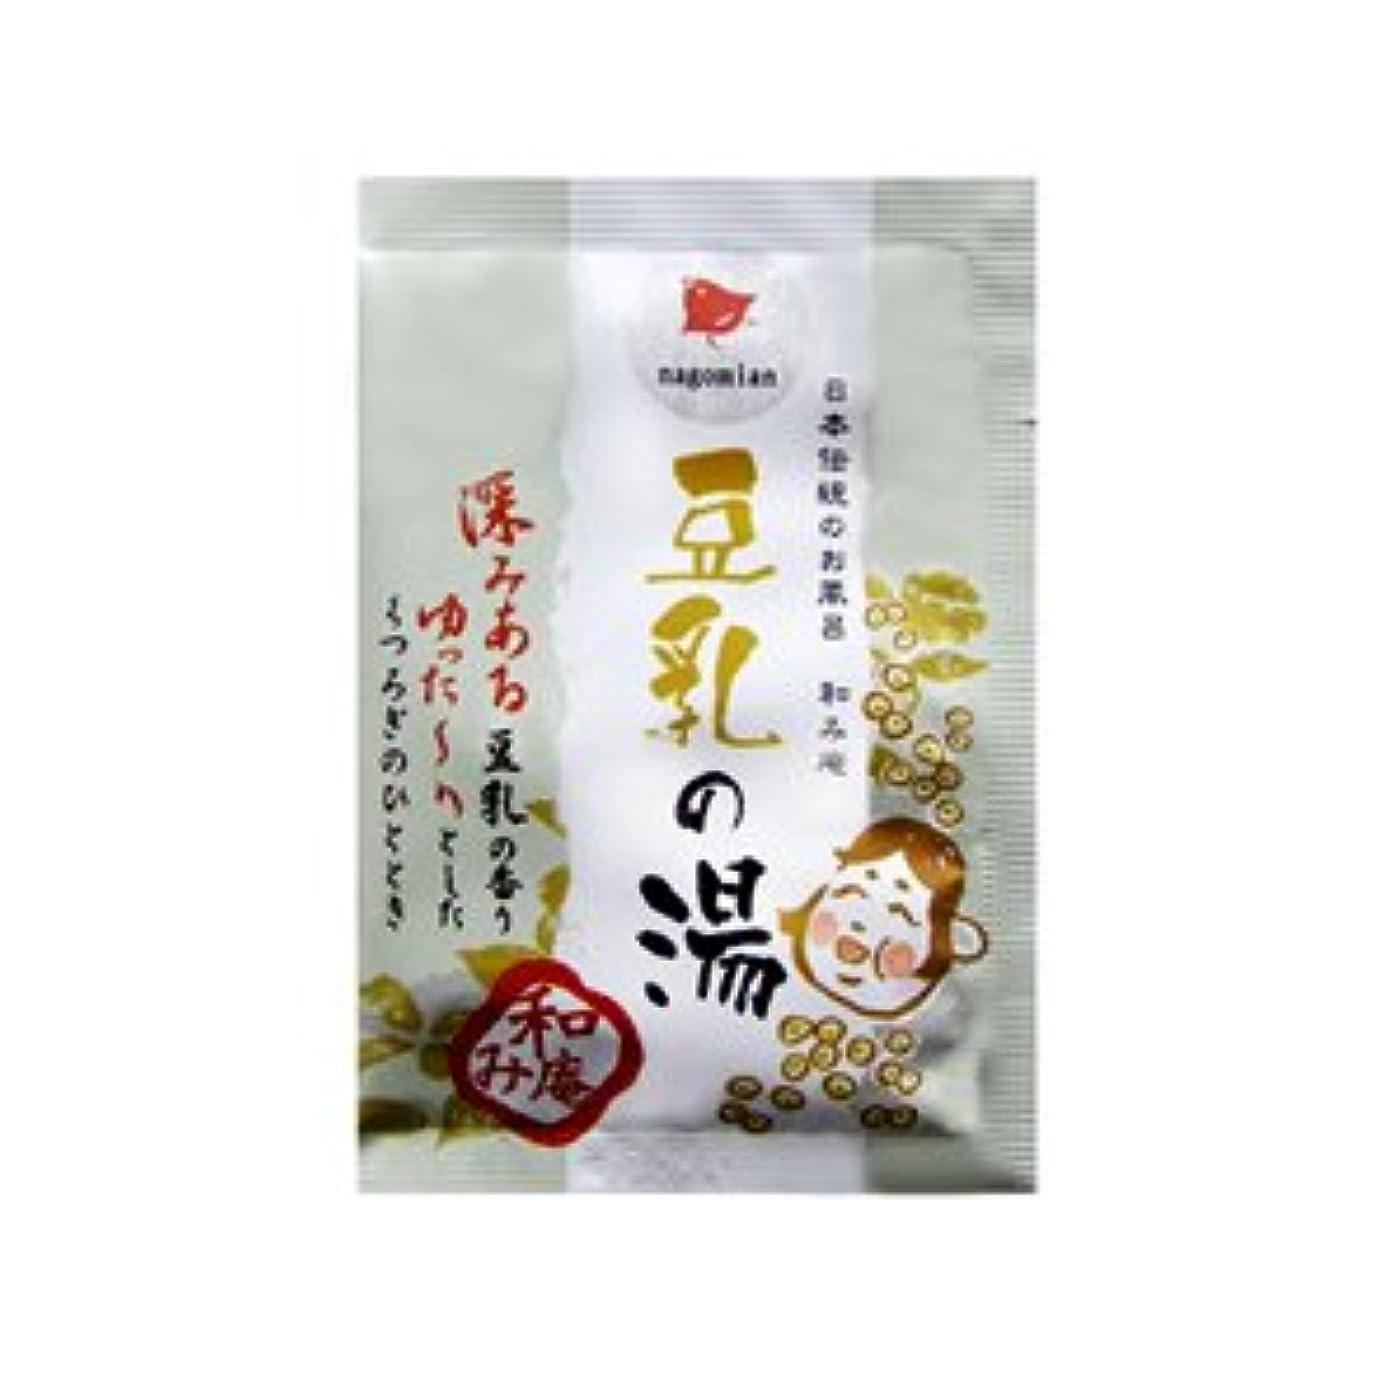 関連付ける潜むまたは日本伝統のお風呂 和み庵 豆乳の湯 25g 10個セット